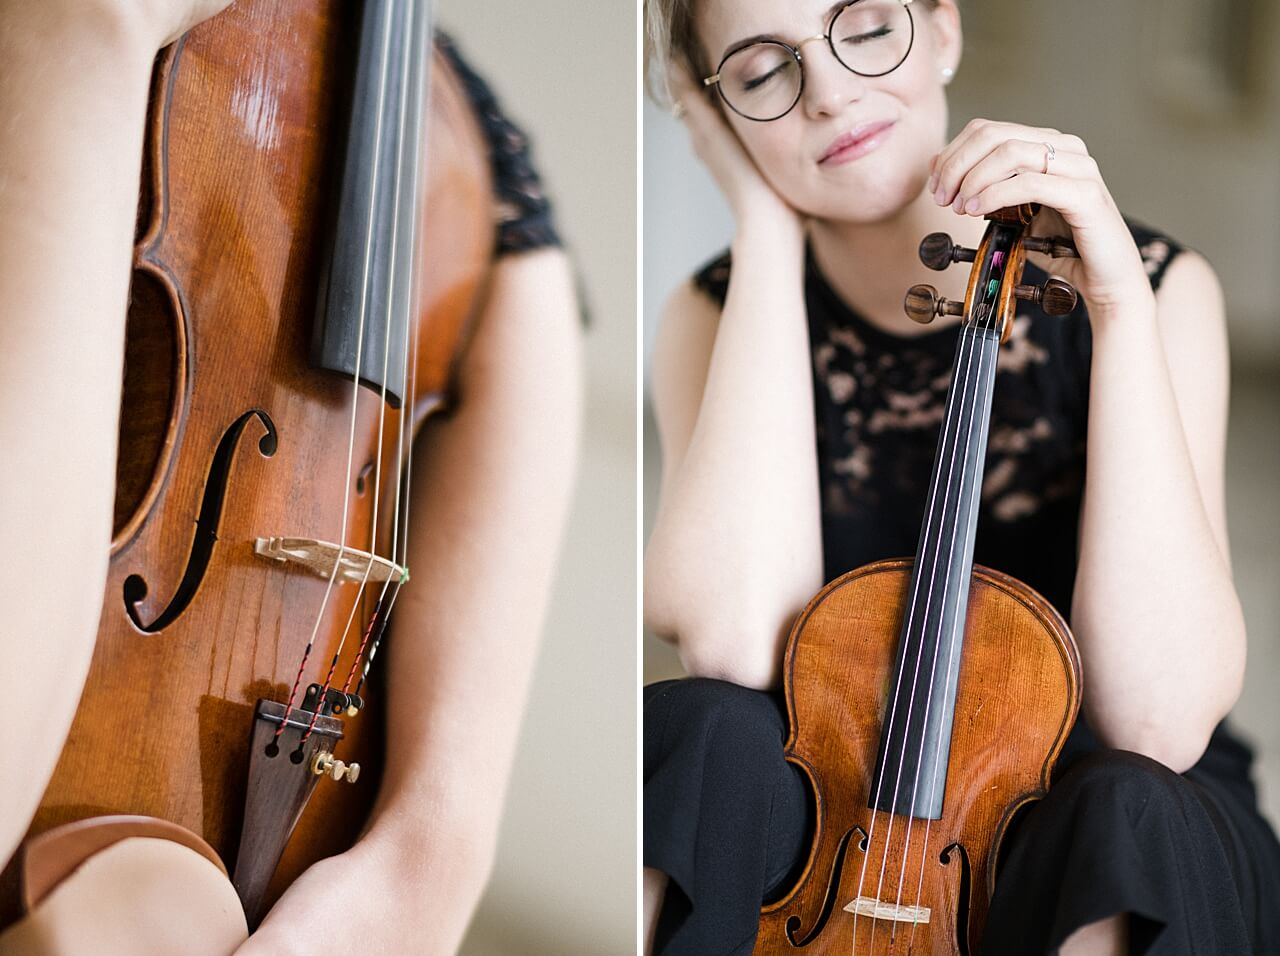 Rebecca Conte Fotografie: Musikerportraits mit Violine 05